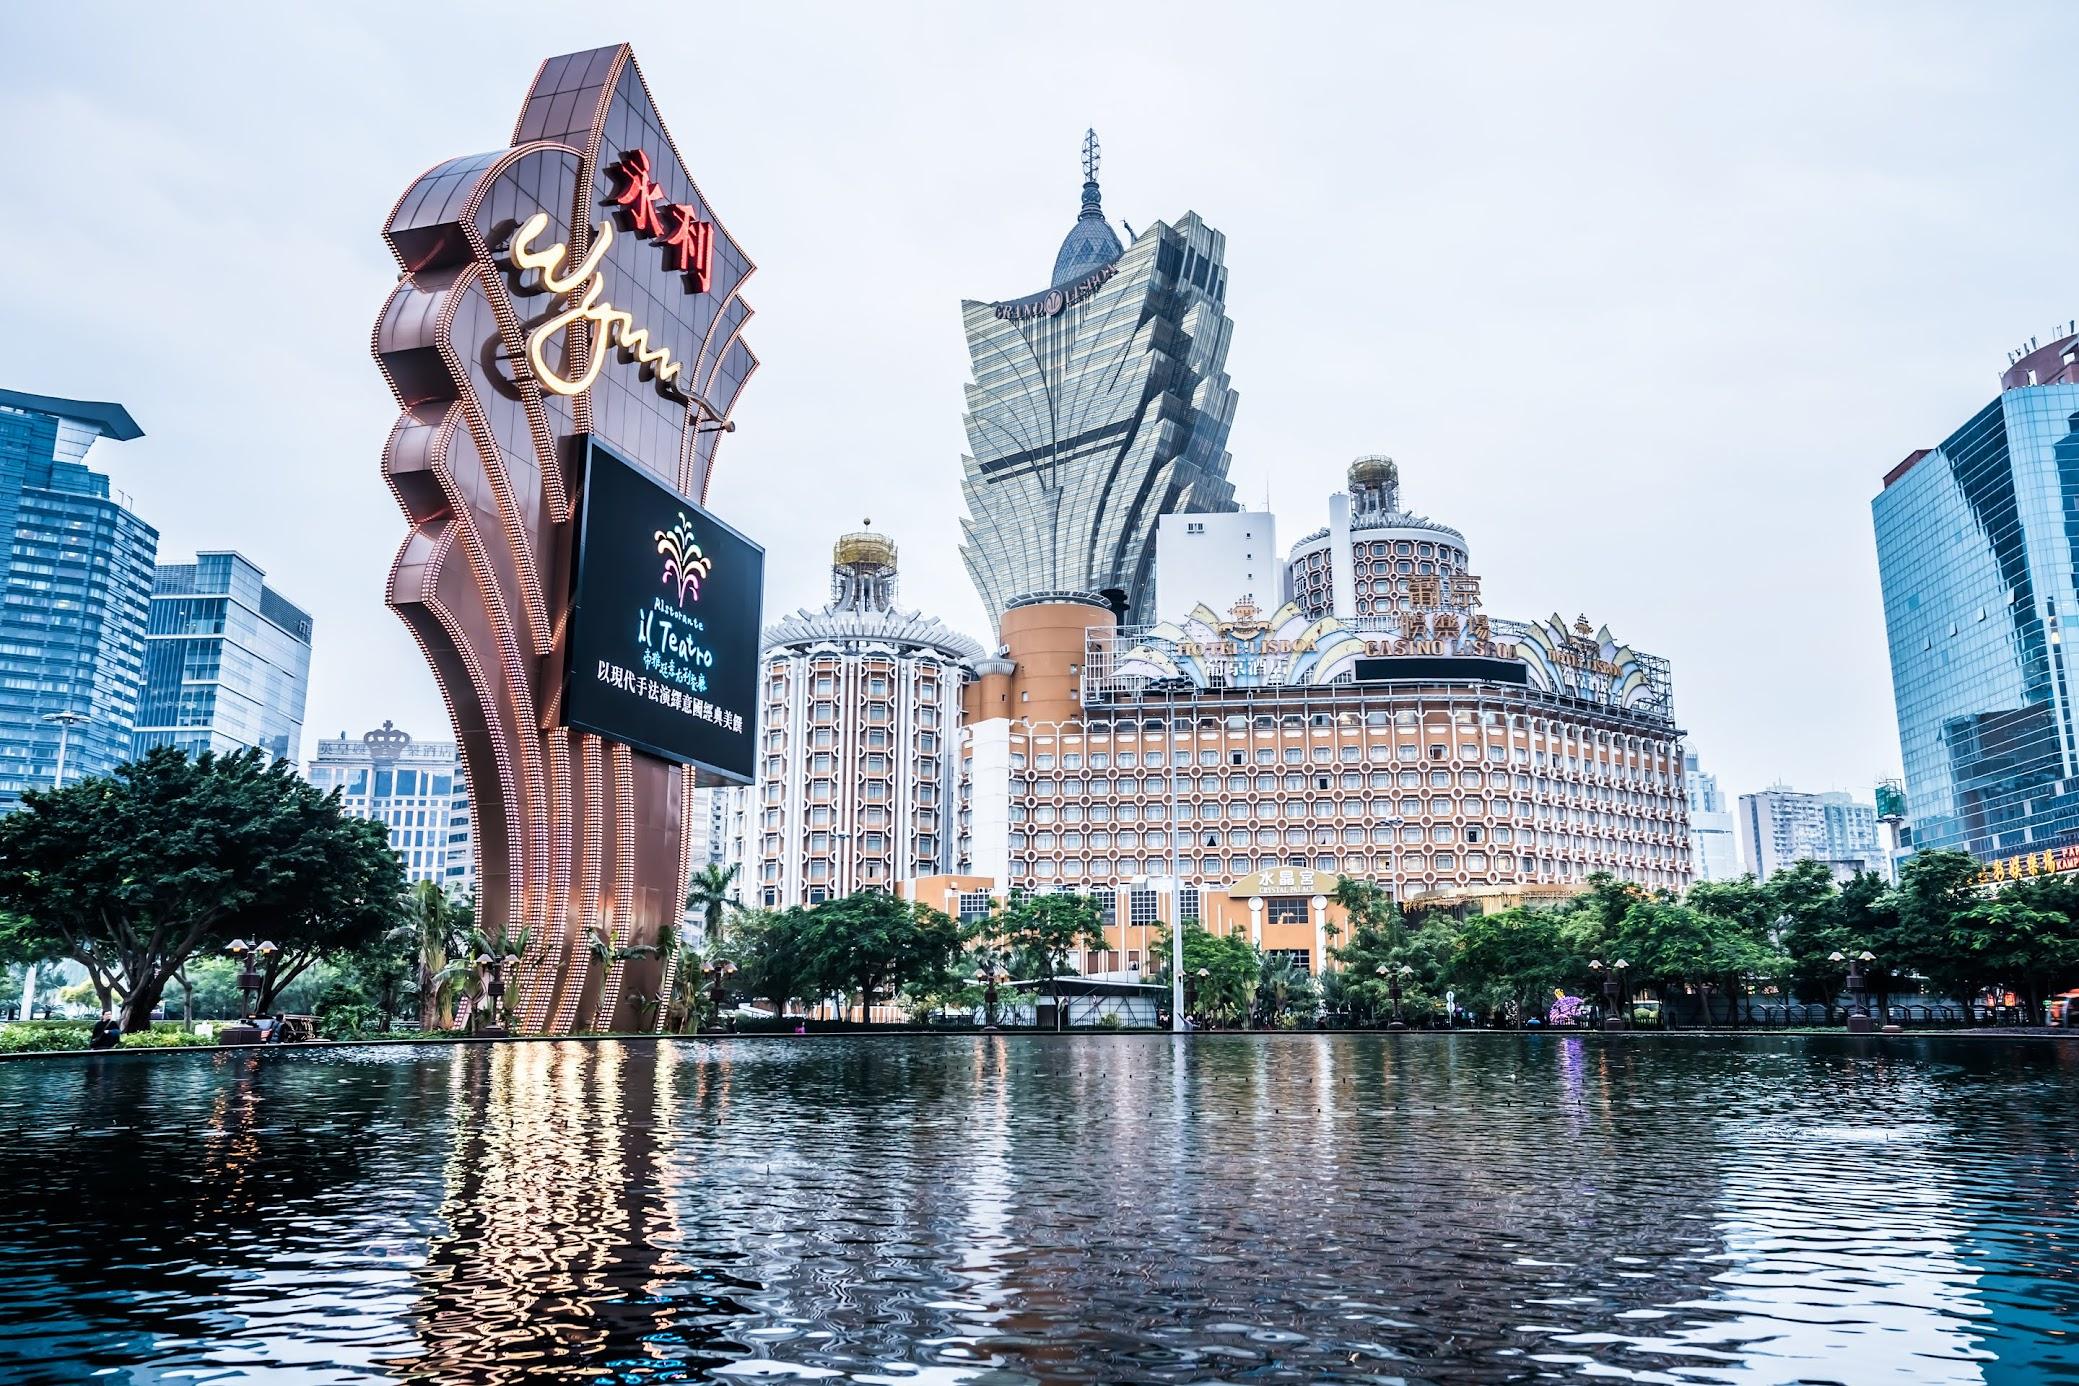 ウィン・マカオ(Wynn Macau/永利澳門)1